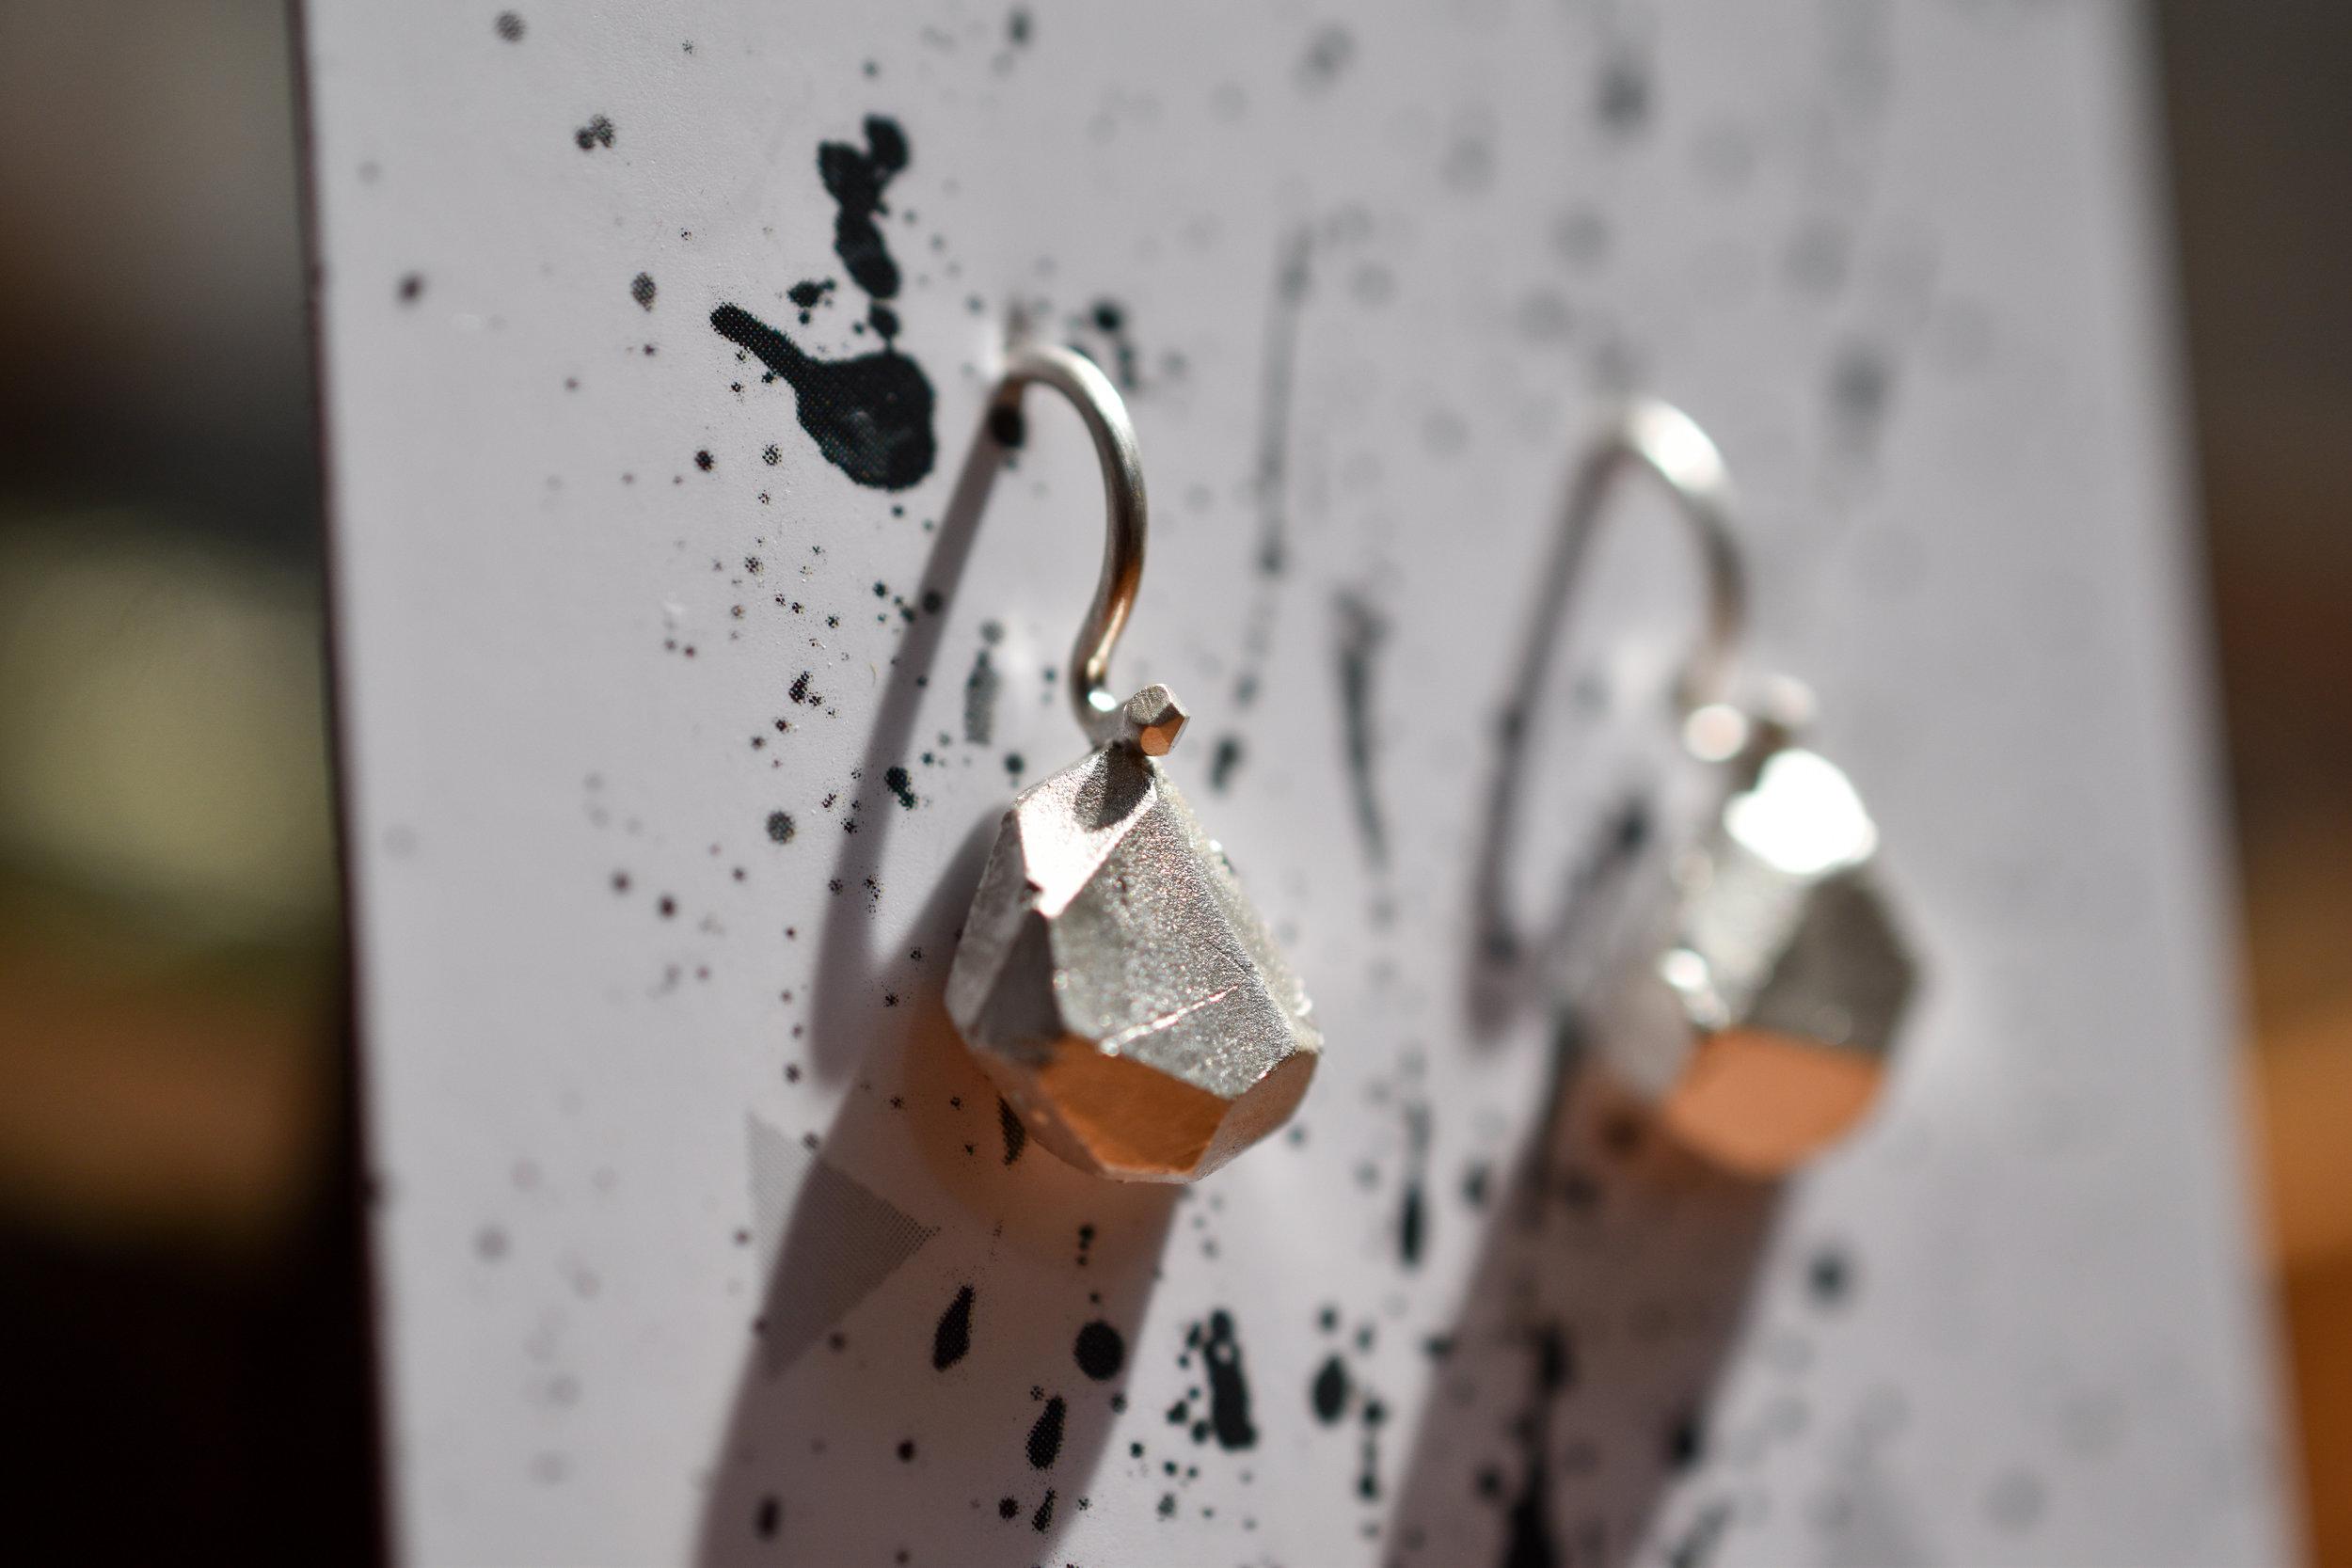 Frozen-crystals-silver-handmade-indy-jewelry-liesbethbusman009.jpg